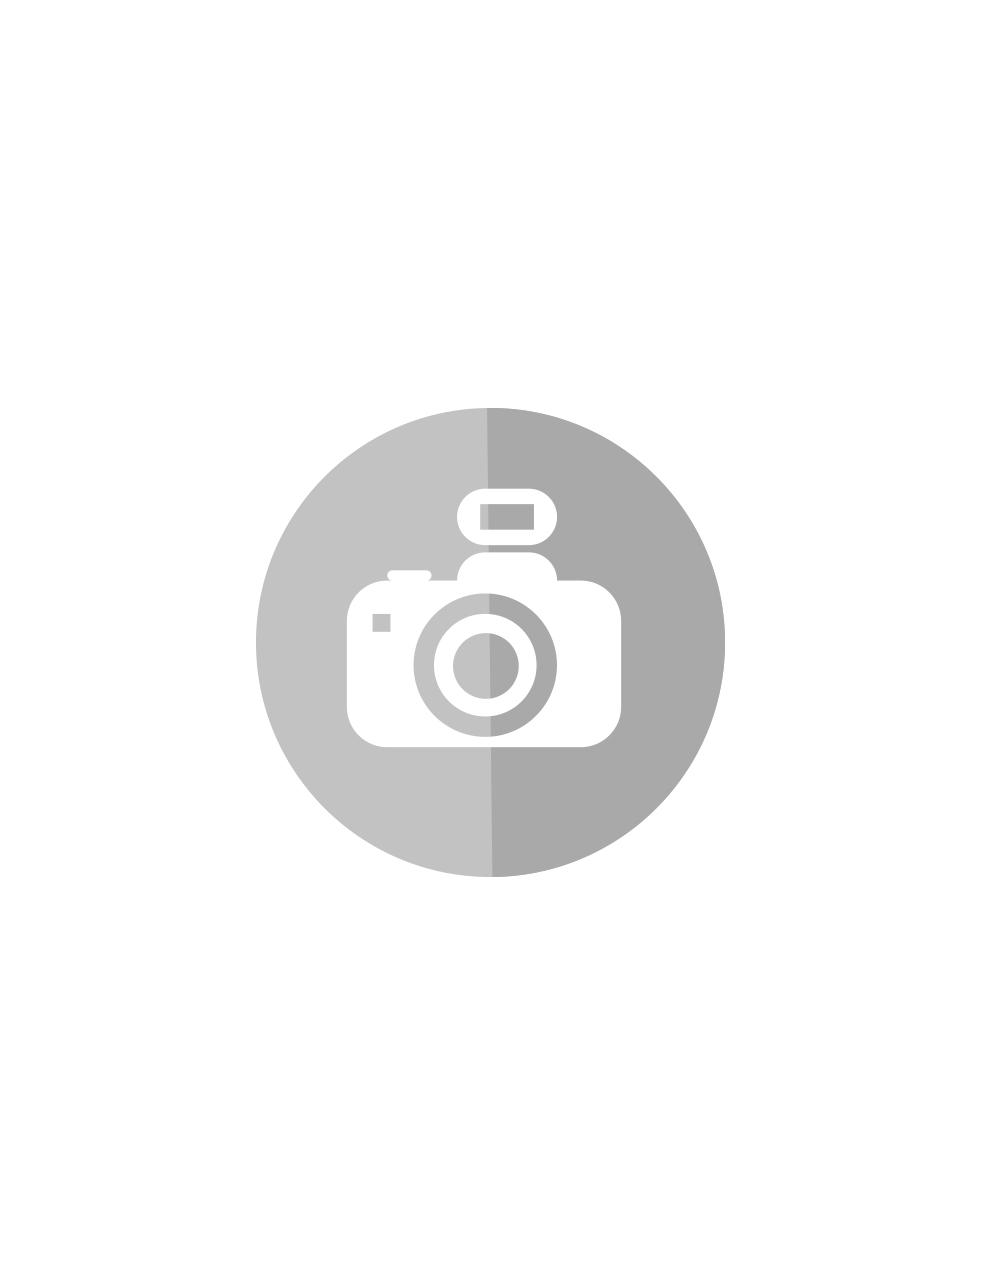 30632022_sparepart/Dokument